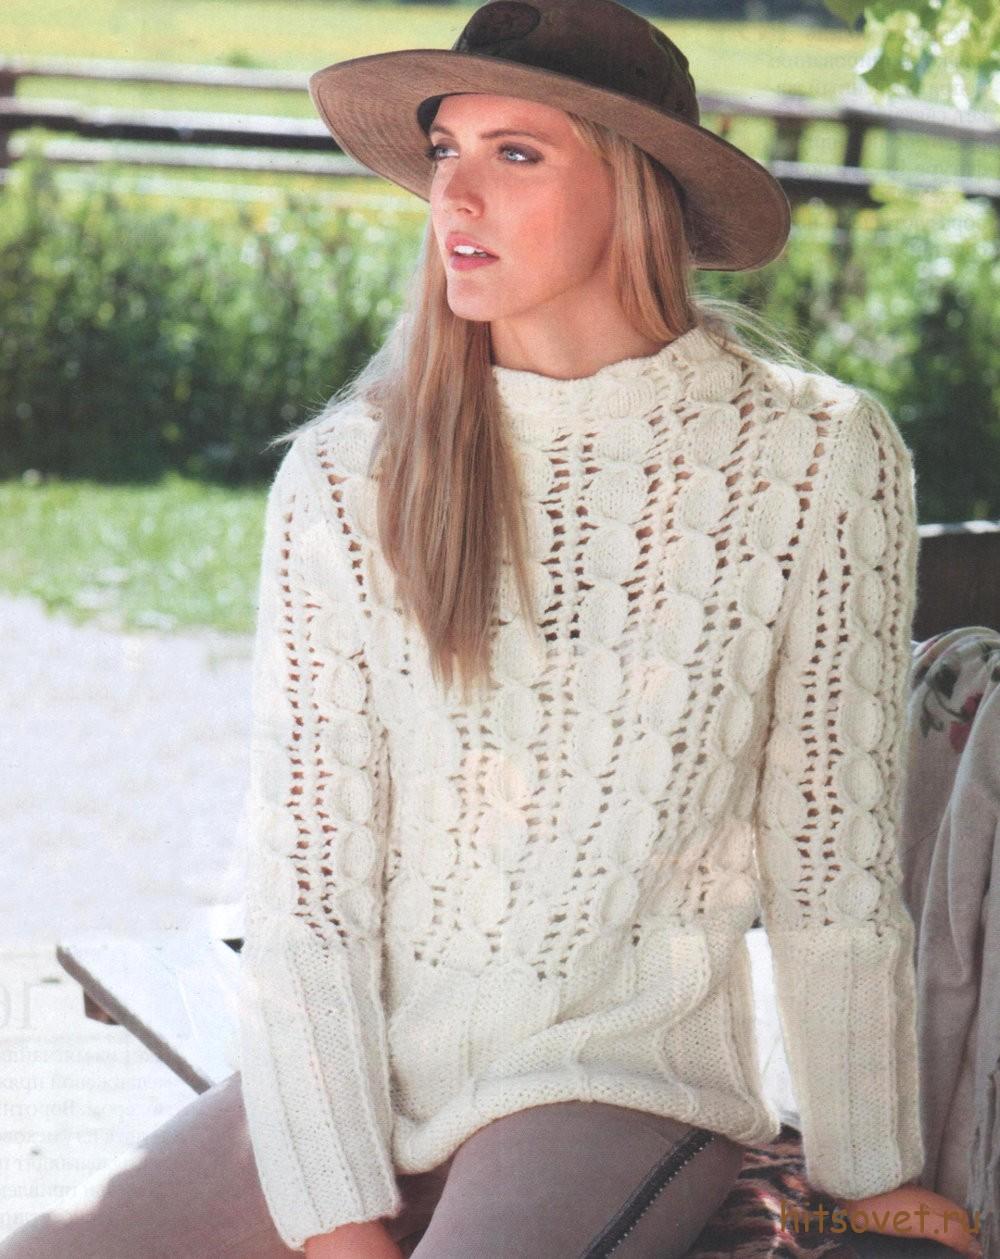 Вязание пуловера для женщин схема и описание, фото.